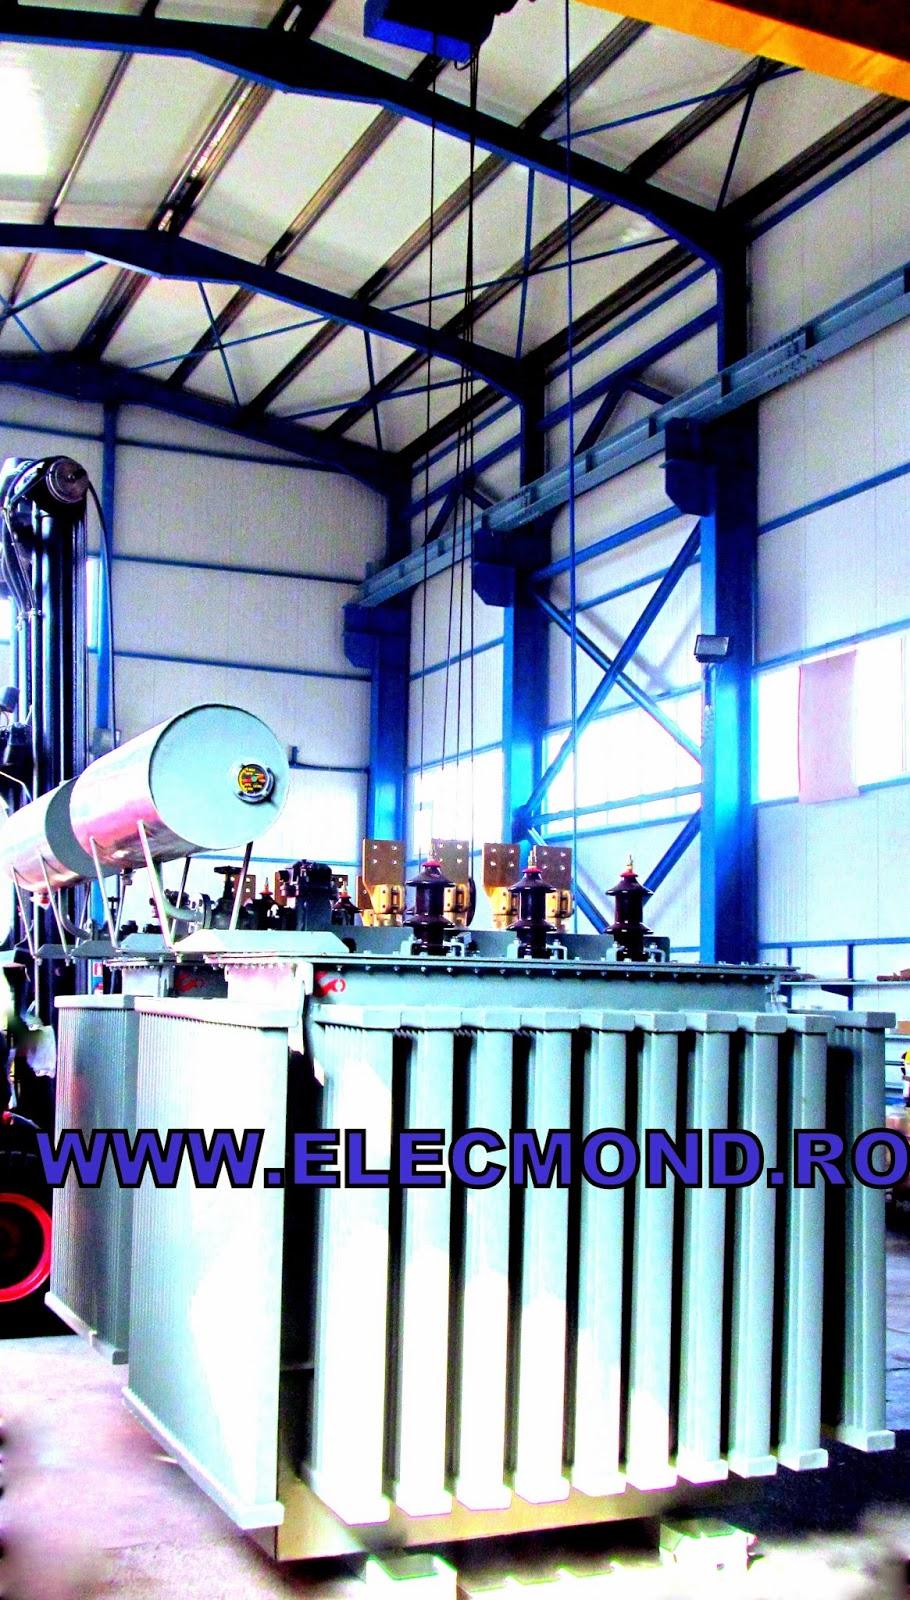 TRANSFORMATOARE 1600 kVA 6/0,4 kV ,TRANSFORMATOARE ELECTRICE, OFERTA TRANSFORMATOARE, PRET TRANSFORMATOR , TRAFO  , OFERTA TRANSFORMATOARE ,transformatoare medie tensiune, TRANSFORMATOARE, TRANSFORMATOR 1600, elecmond